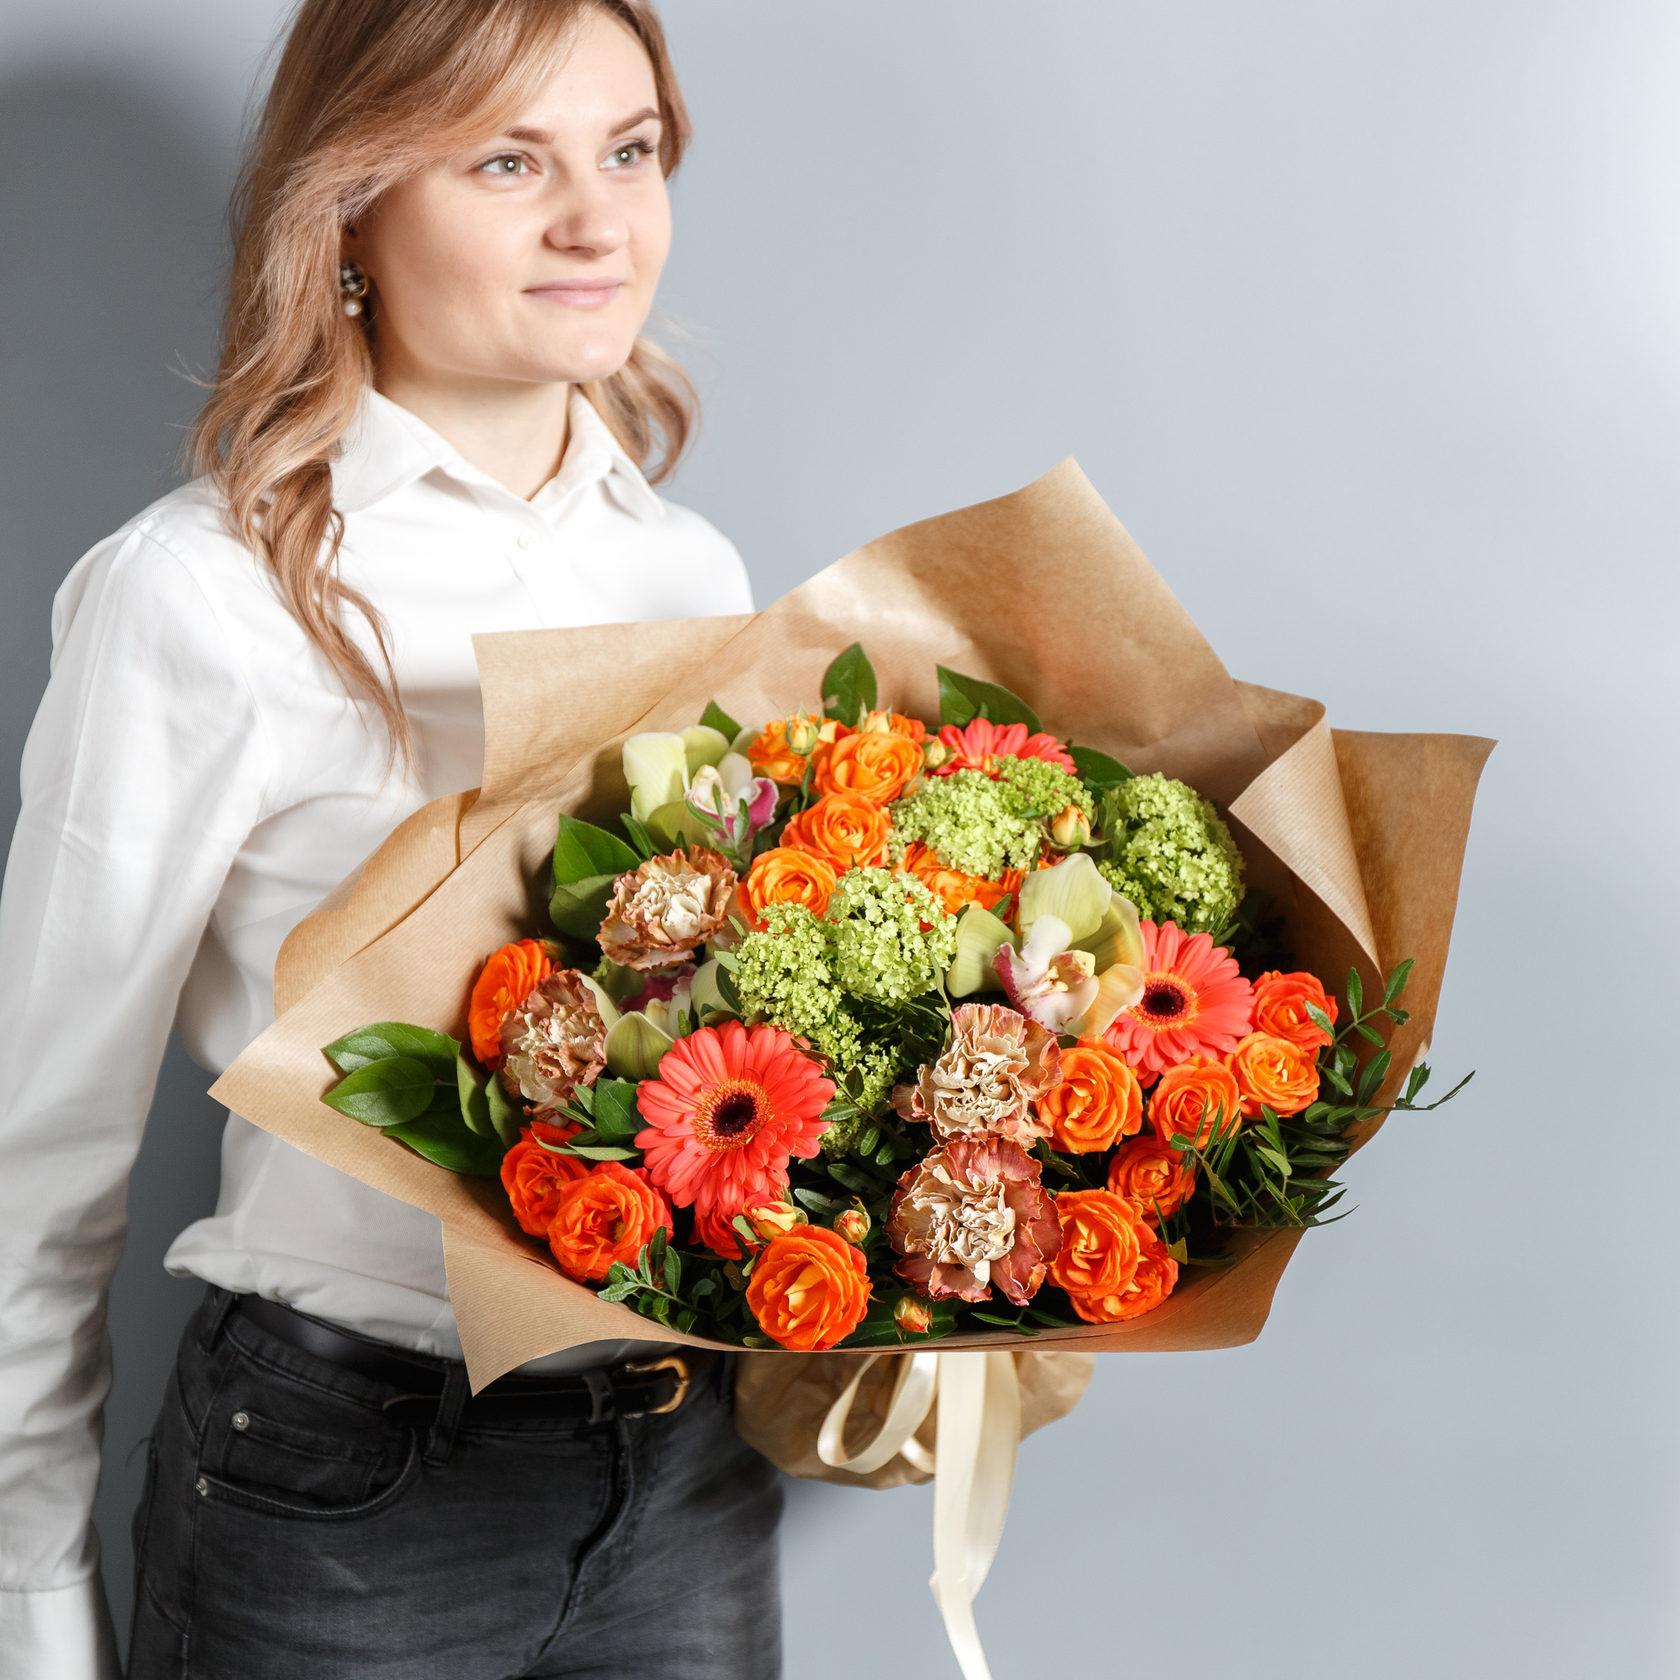 Доставка цветов по москве курьером мосцветторг, услуг ростов-на-дону